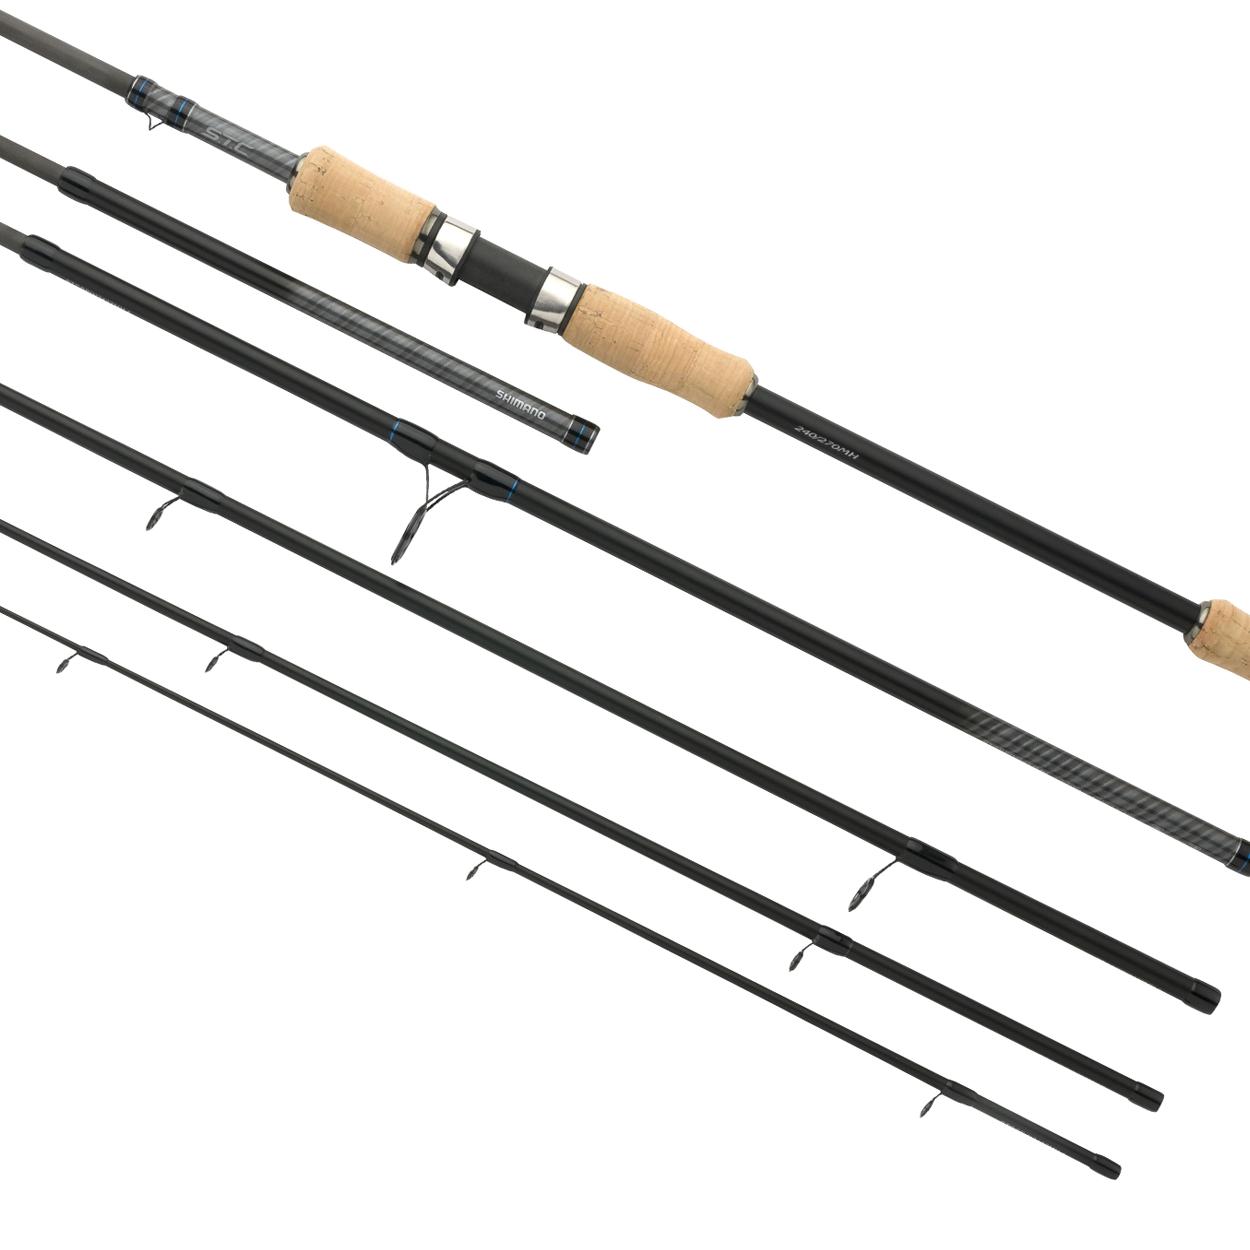 Удилище спиннинговое SHIMANO STC 210/240M 10-30 (+ Леска в подарок!) удилище salmo sniper spin 30 спиннинговое 2 1 м fast 30 г